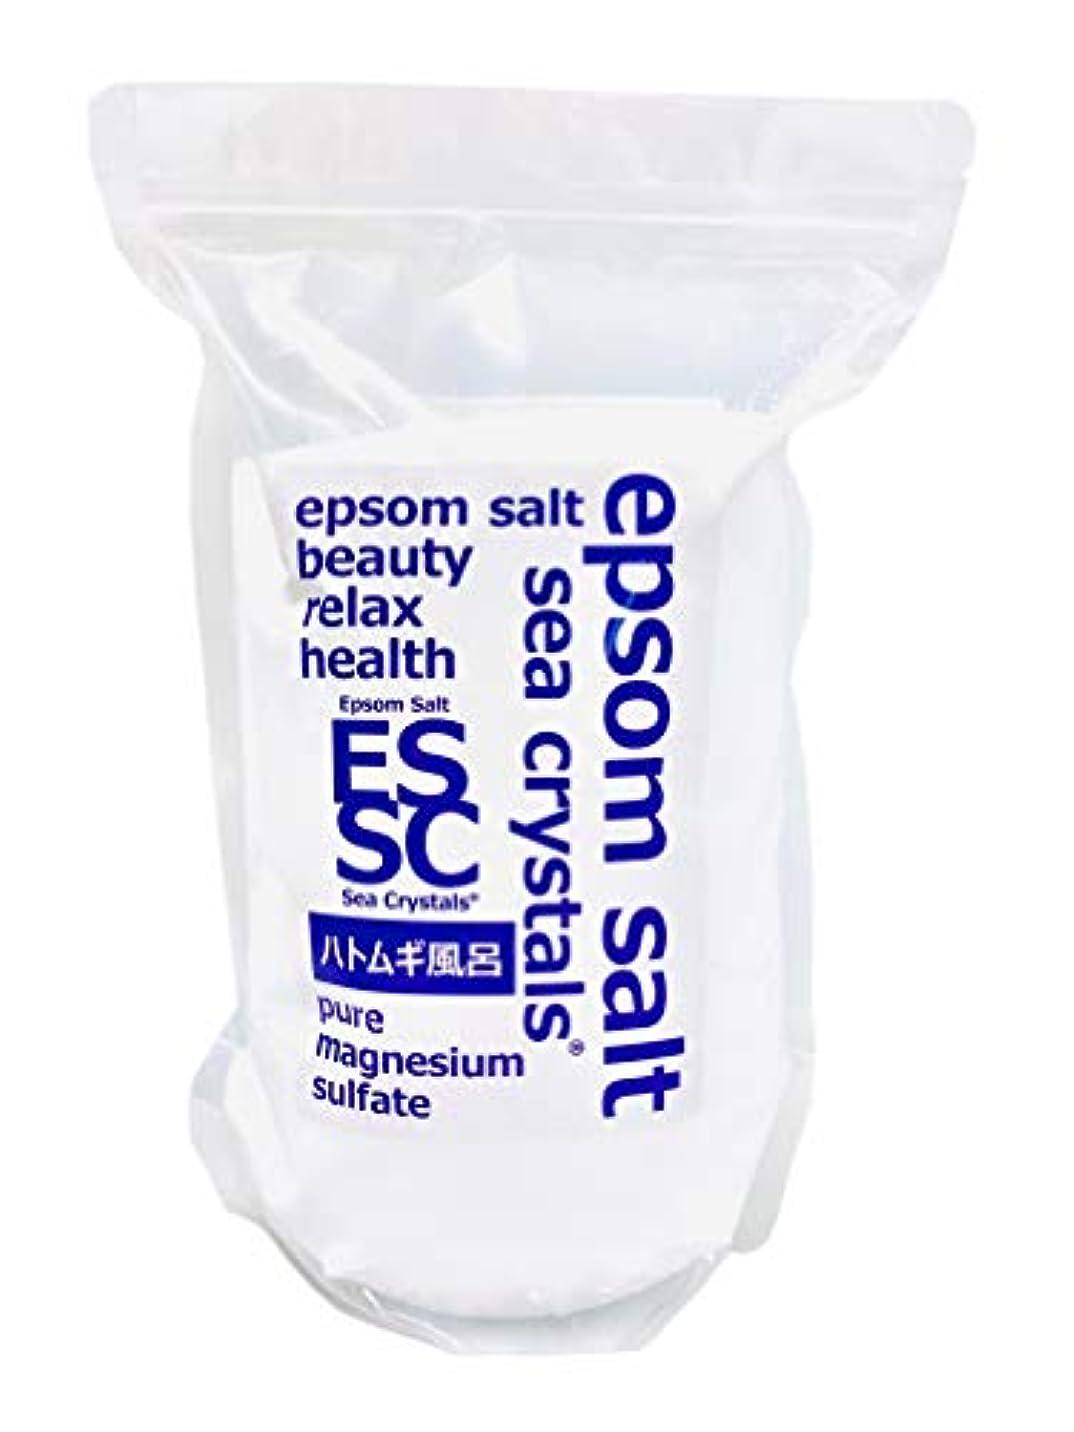 失効食い違い広告【Amazon.co.jp限定】 Sea Crystals(シークリスタルス) ハトムギ風呂 入浴剤 White 2.2kg